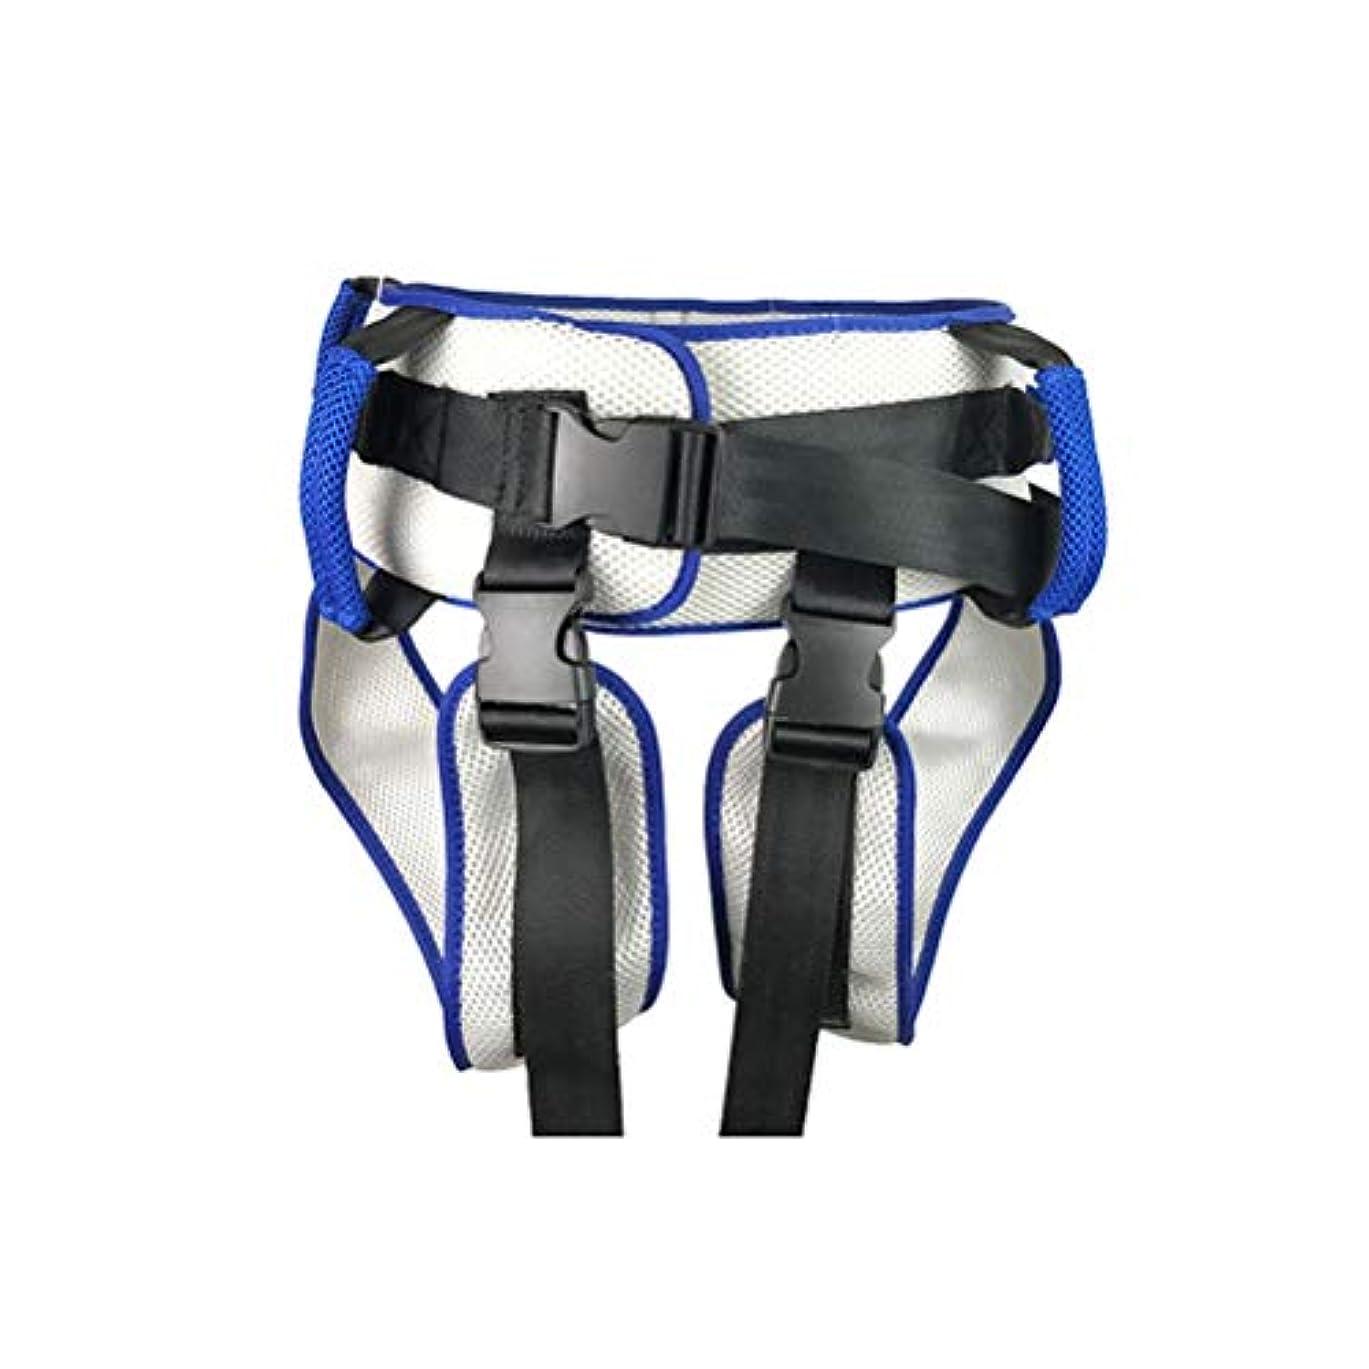 苦しみ超越する入るHEALLILY 足のループ付きHEALLILYトランスファーベルト患者補助トランスファースリングリハビリテーションベルト下肢歩行立ちトレーニング用具(青)